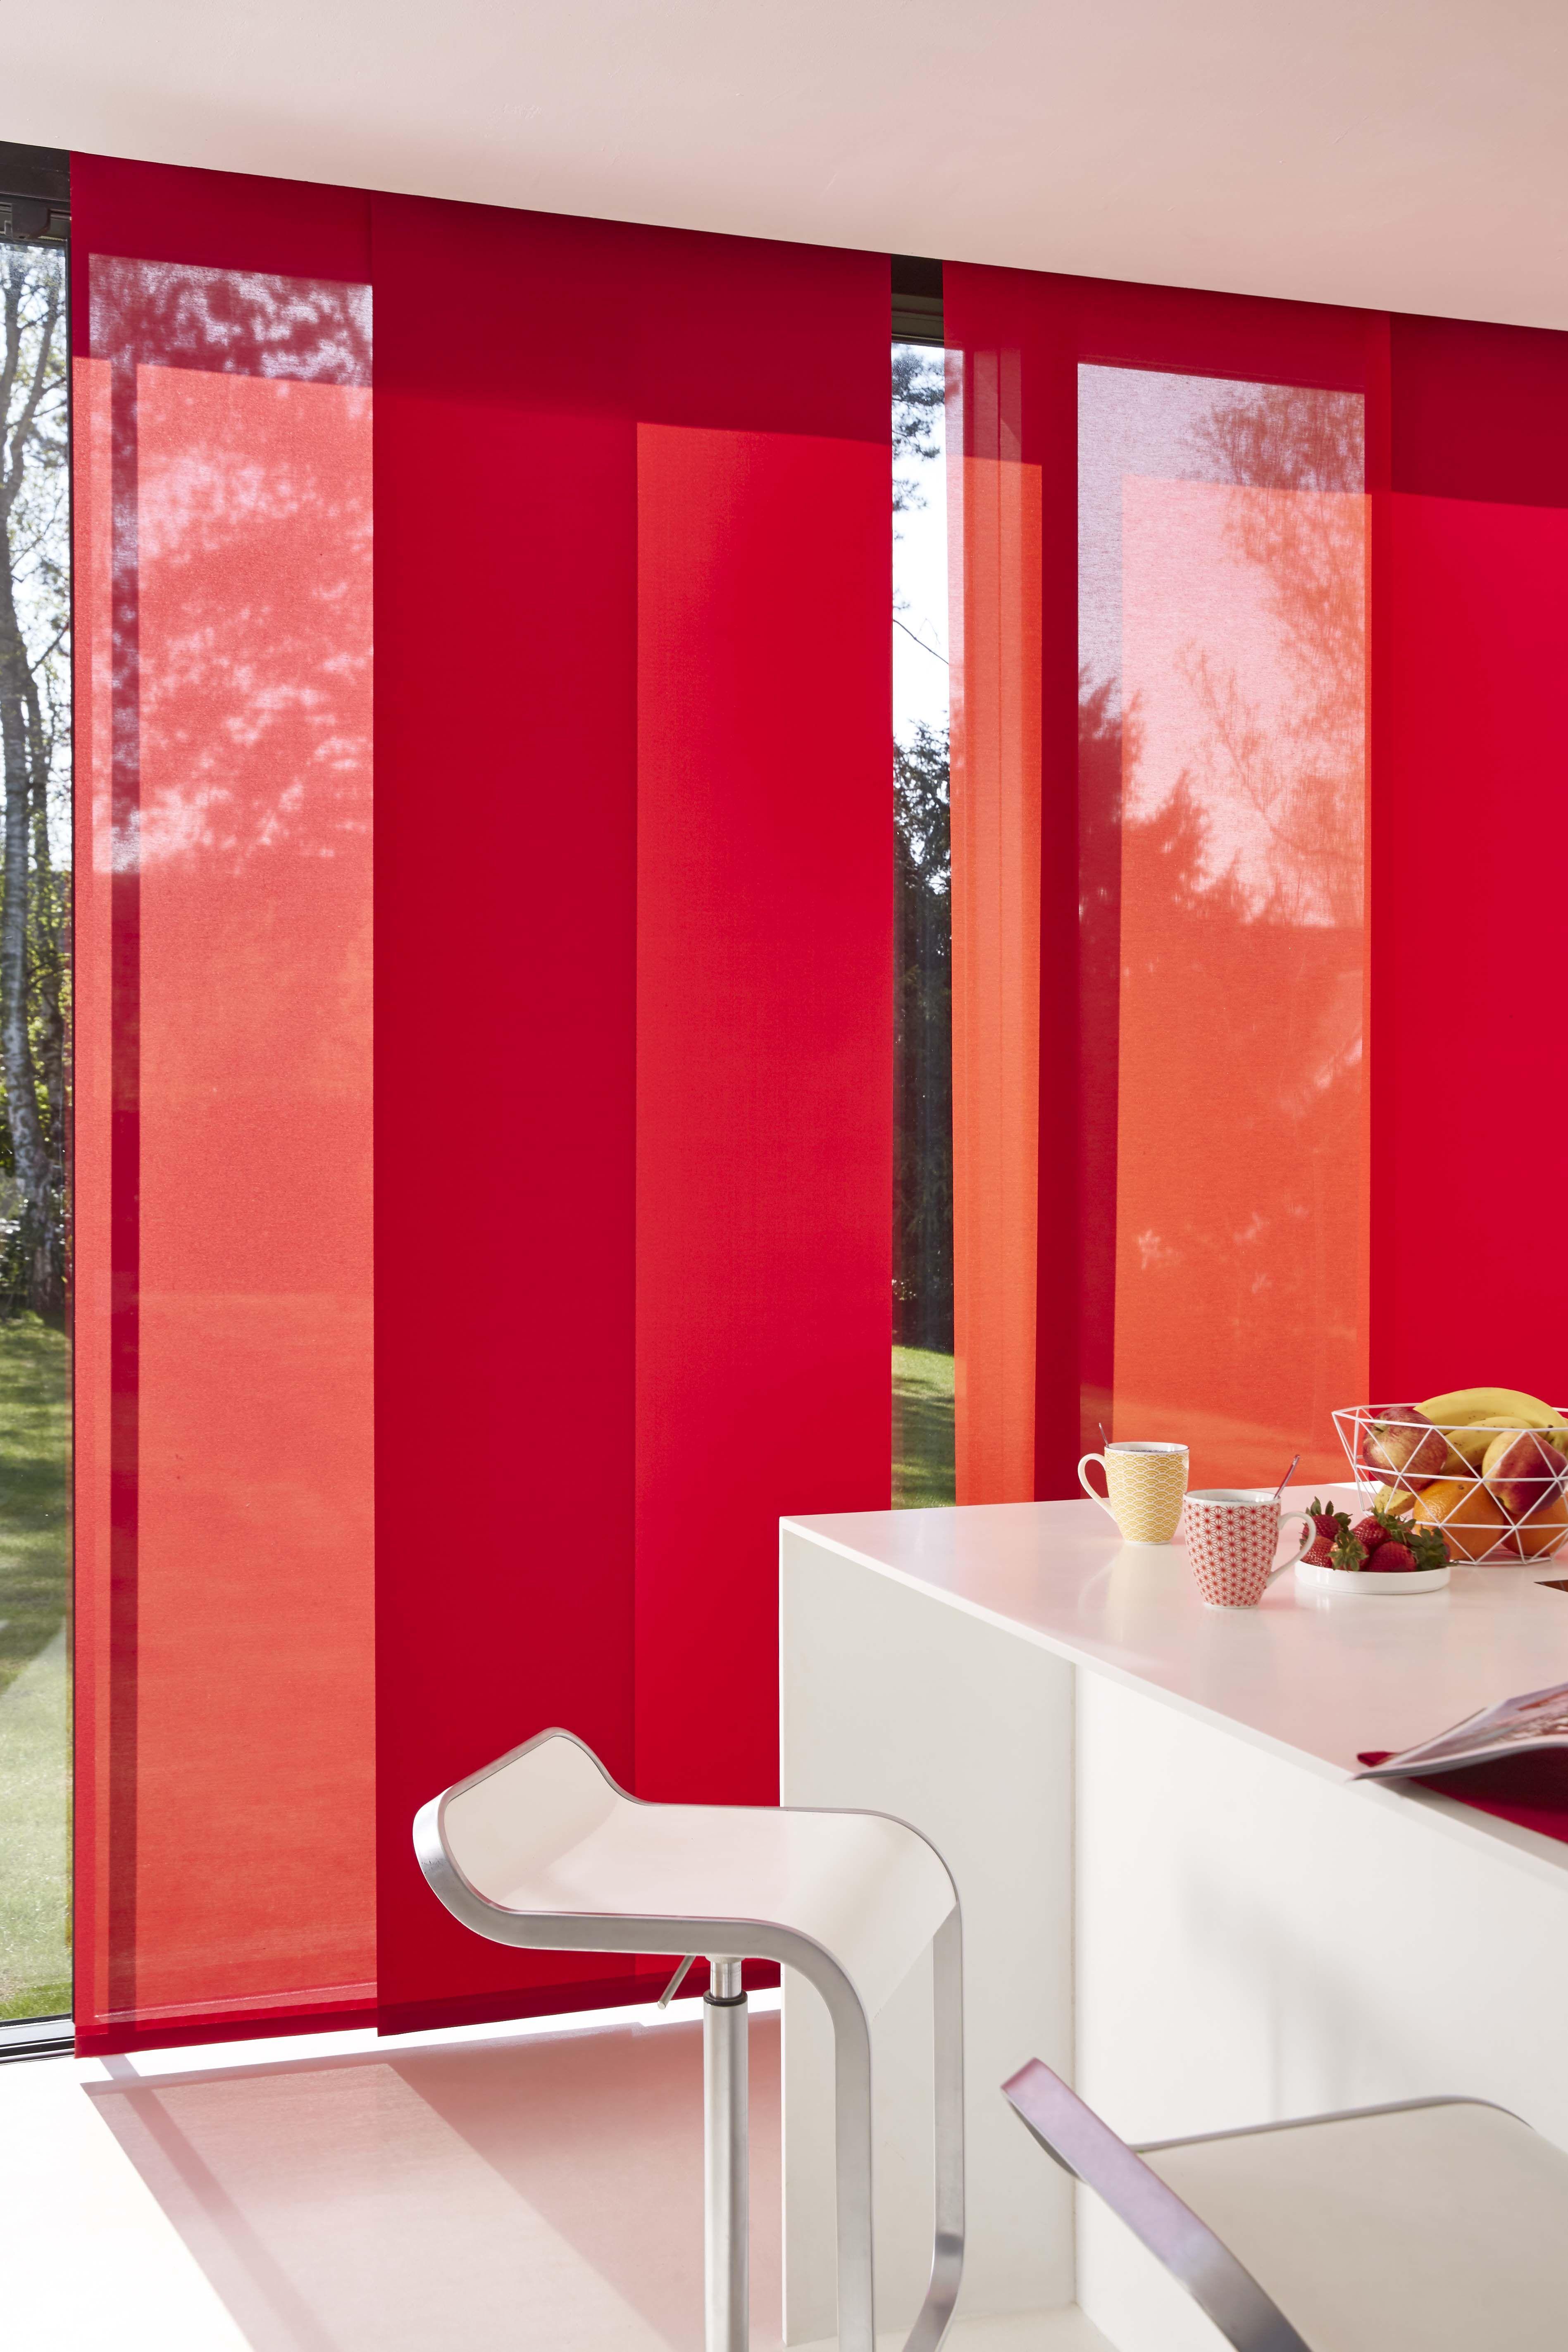 Esvédra Ambiance Rouge Qualités Panneaux Japonais Et Camaïeu CthQrds